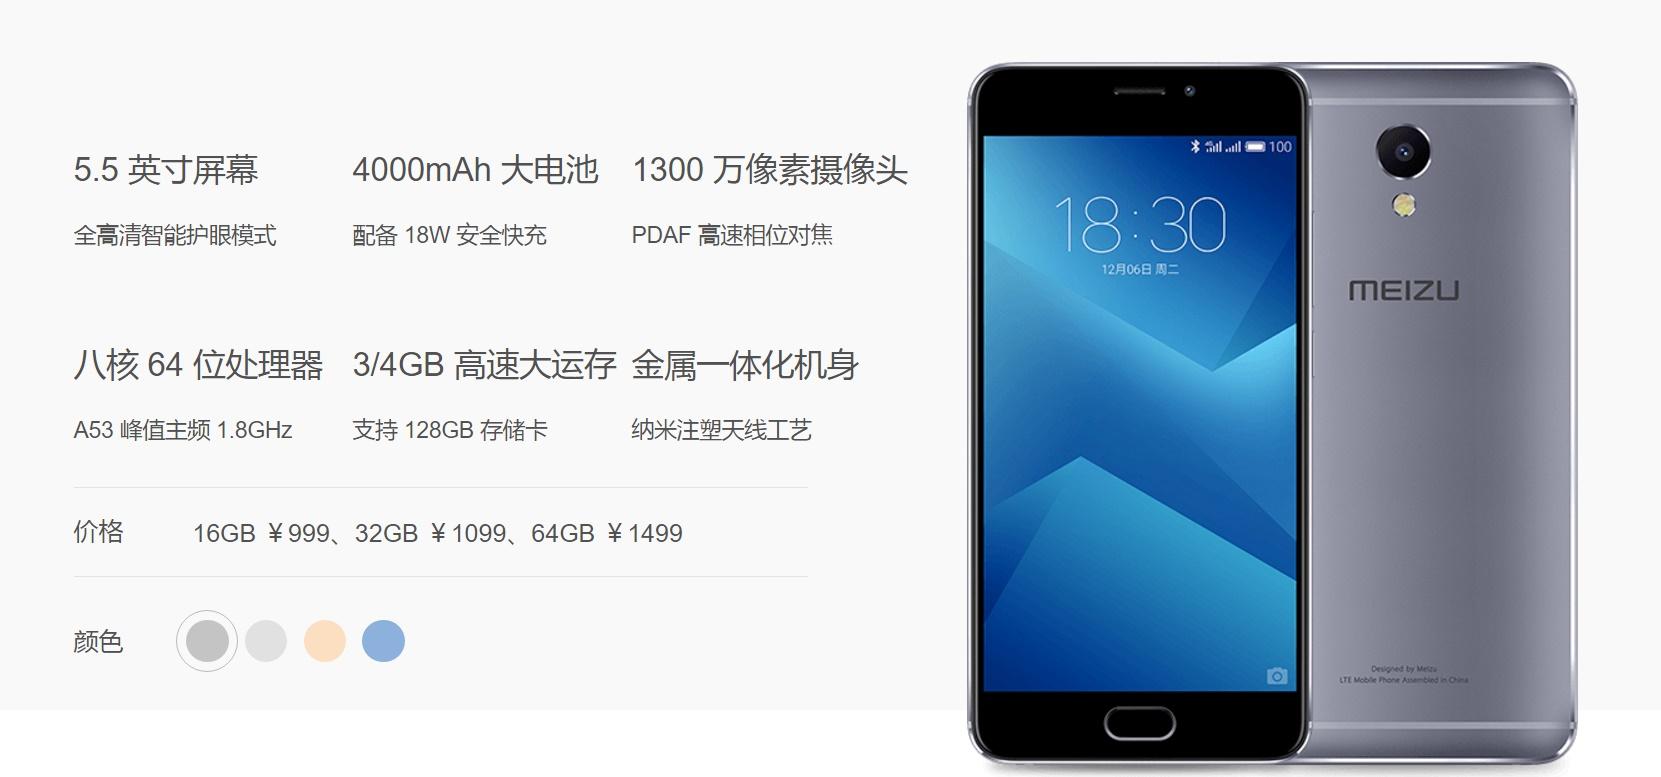 meizu-m5-note-price-increase